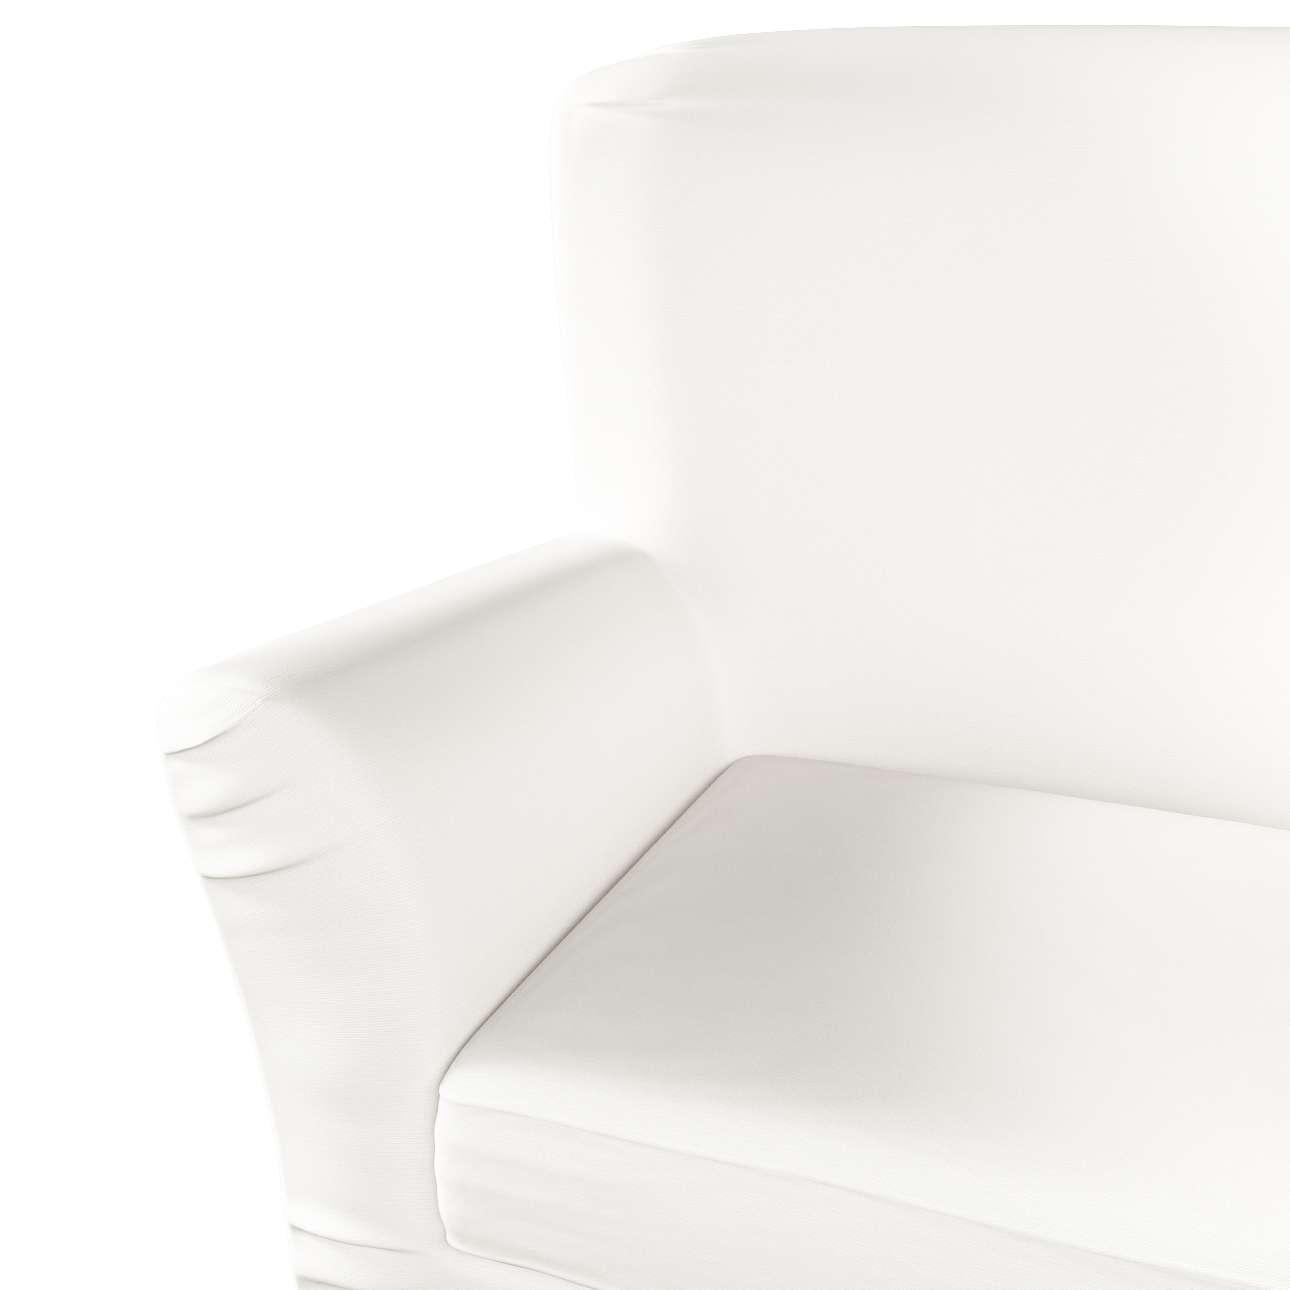 Pokrowiec na fotel Tomelilla z zakładkami w kolekcji Cotton Panama, tkanina: 702-34